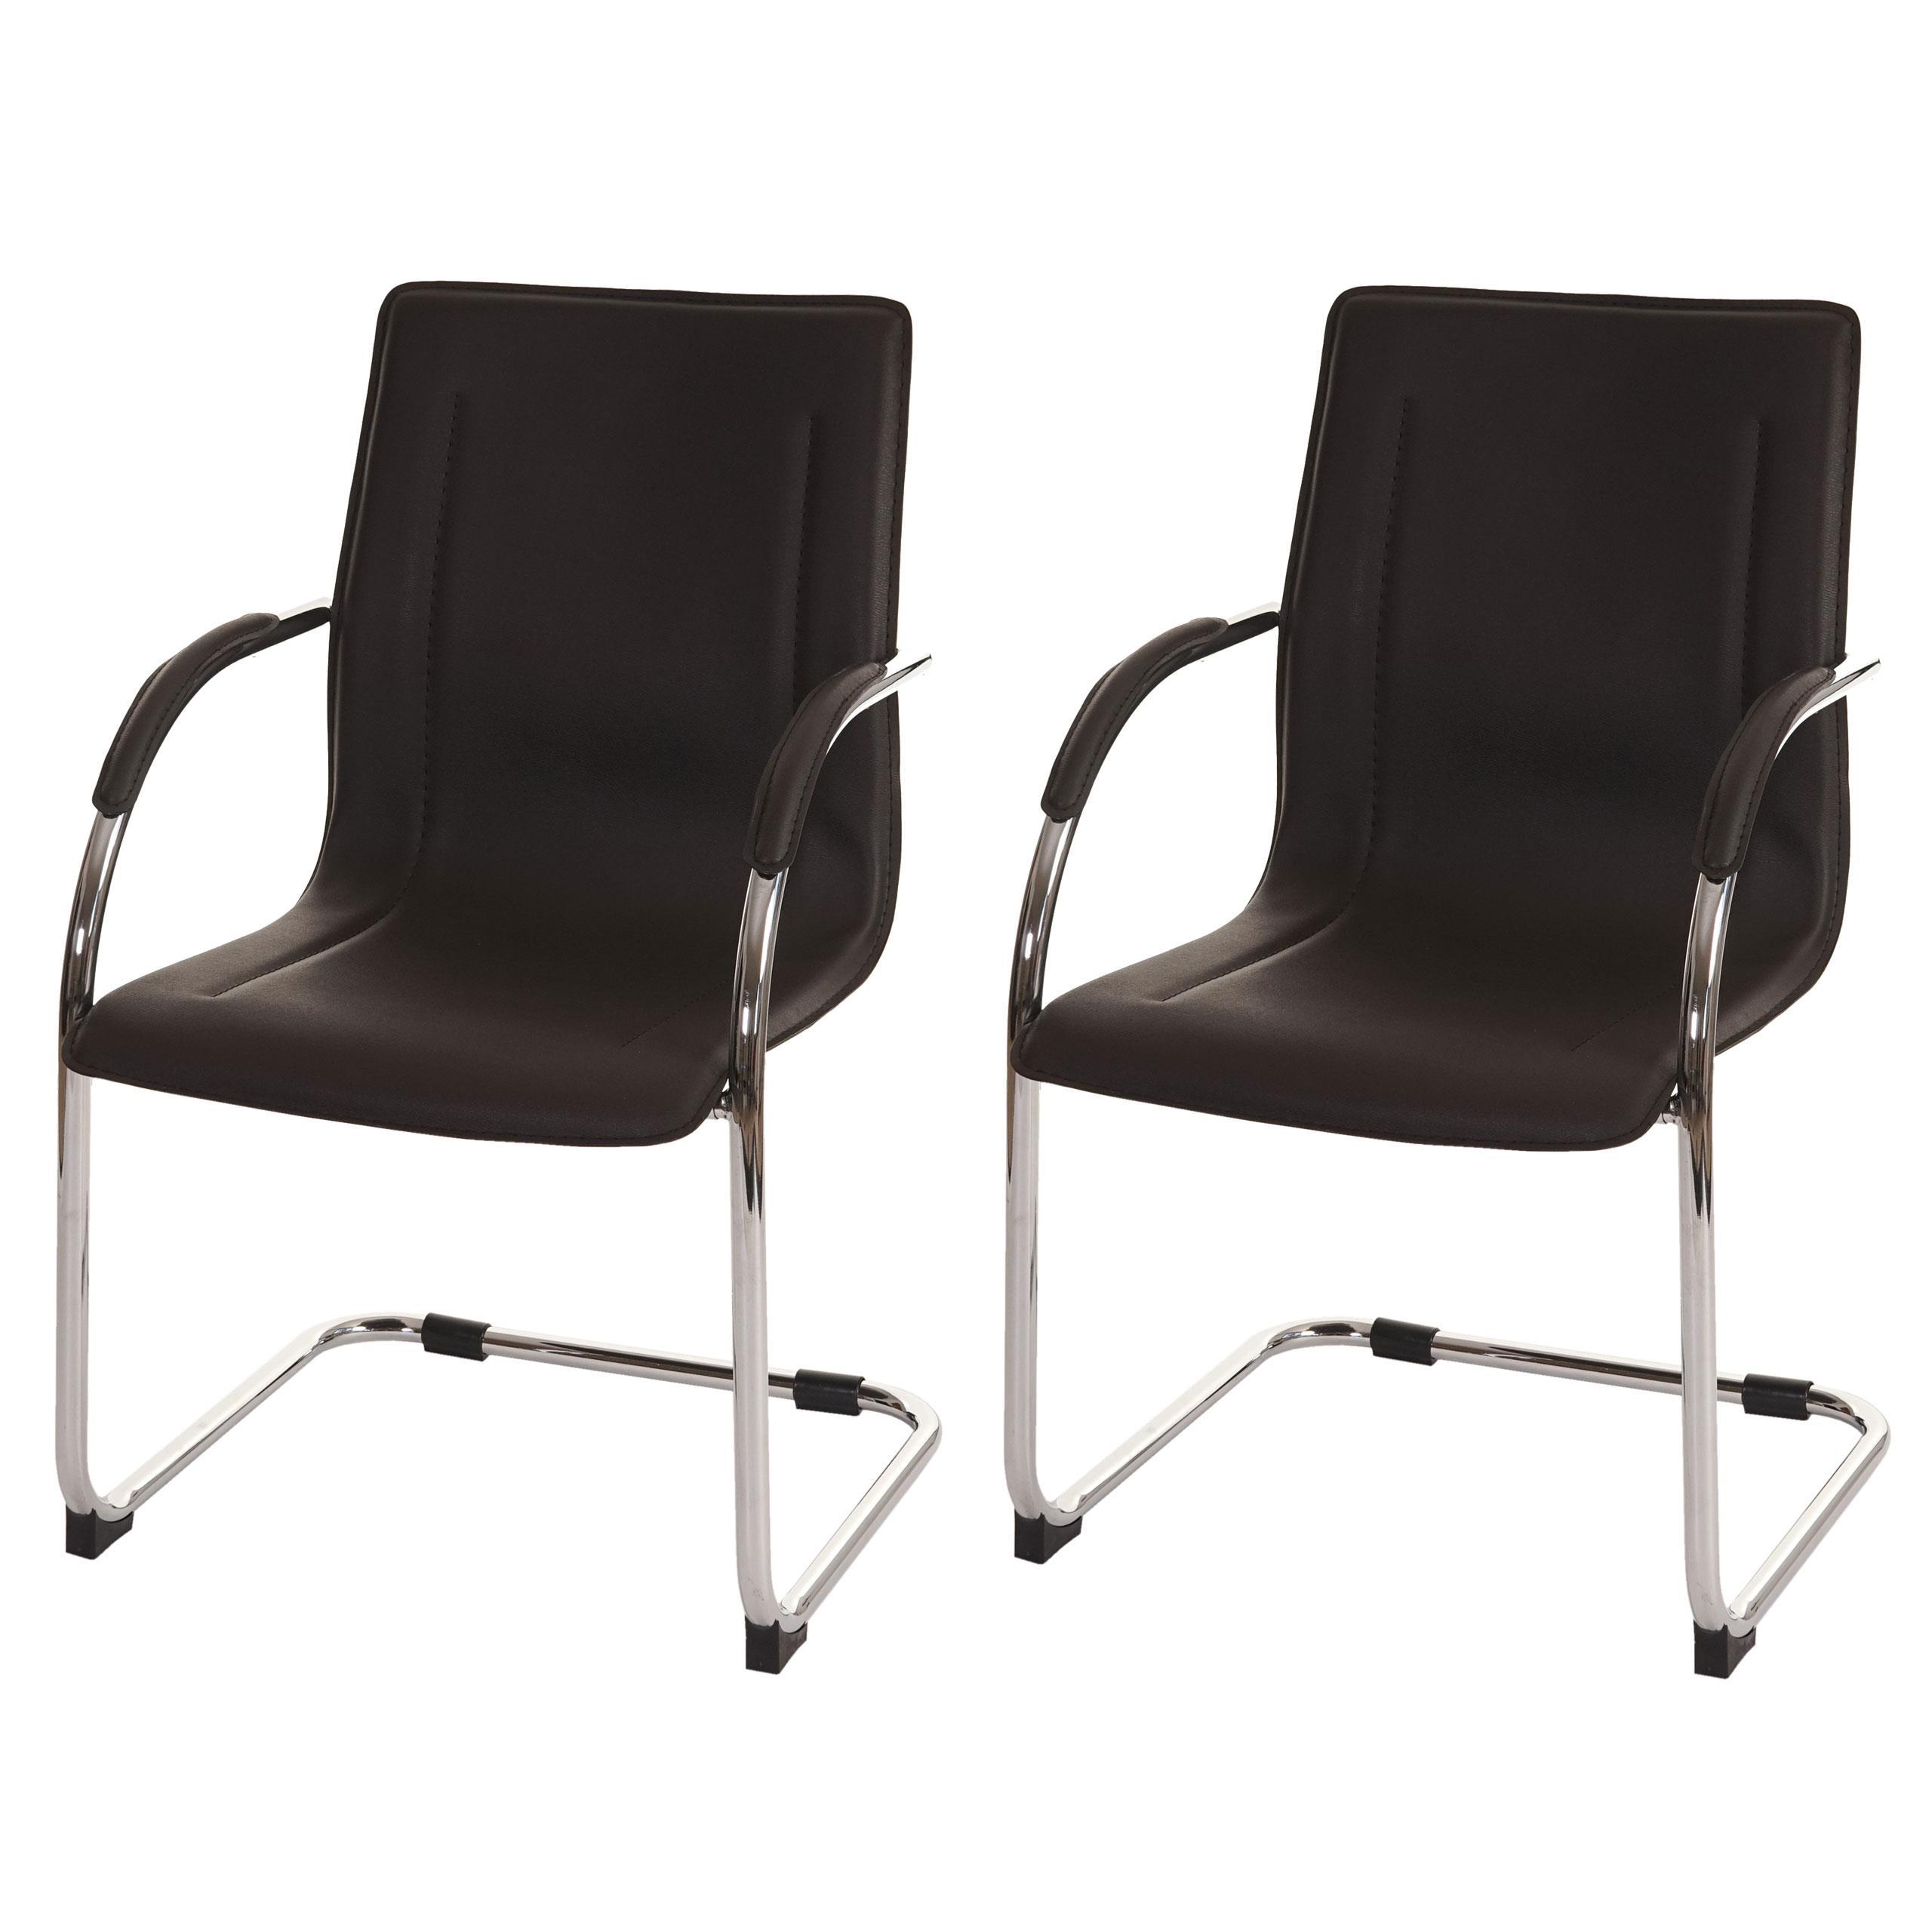 lote de 2 sillas de confidente zeus estructura metálica y tapizadas